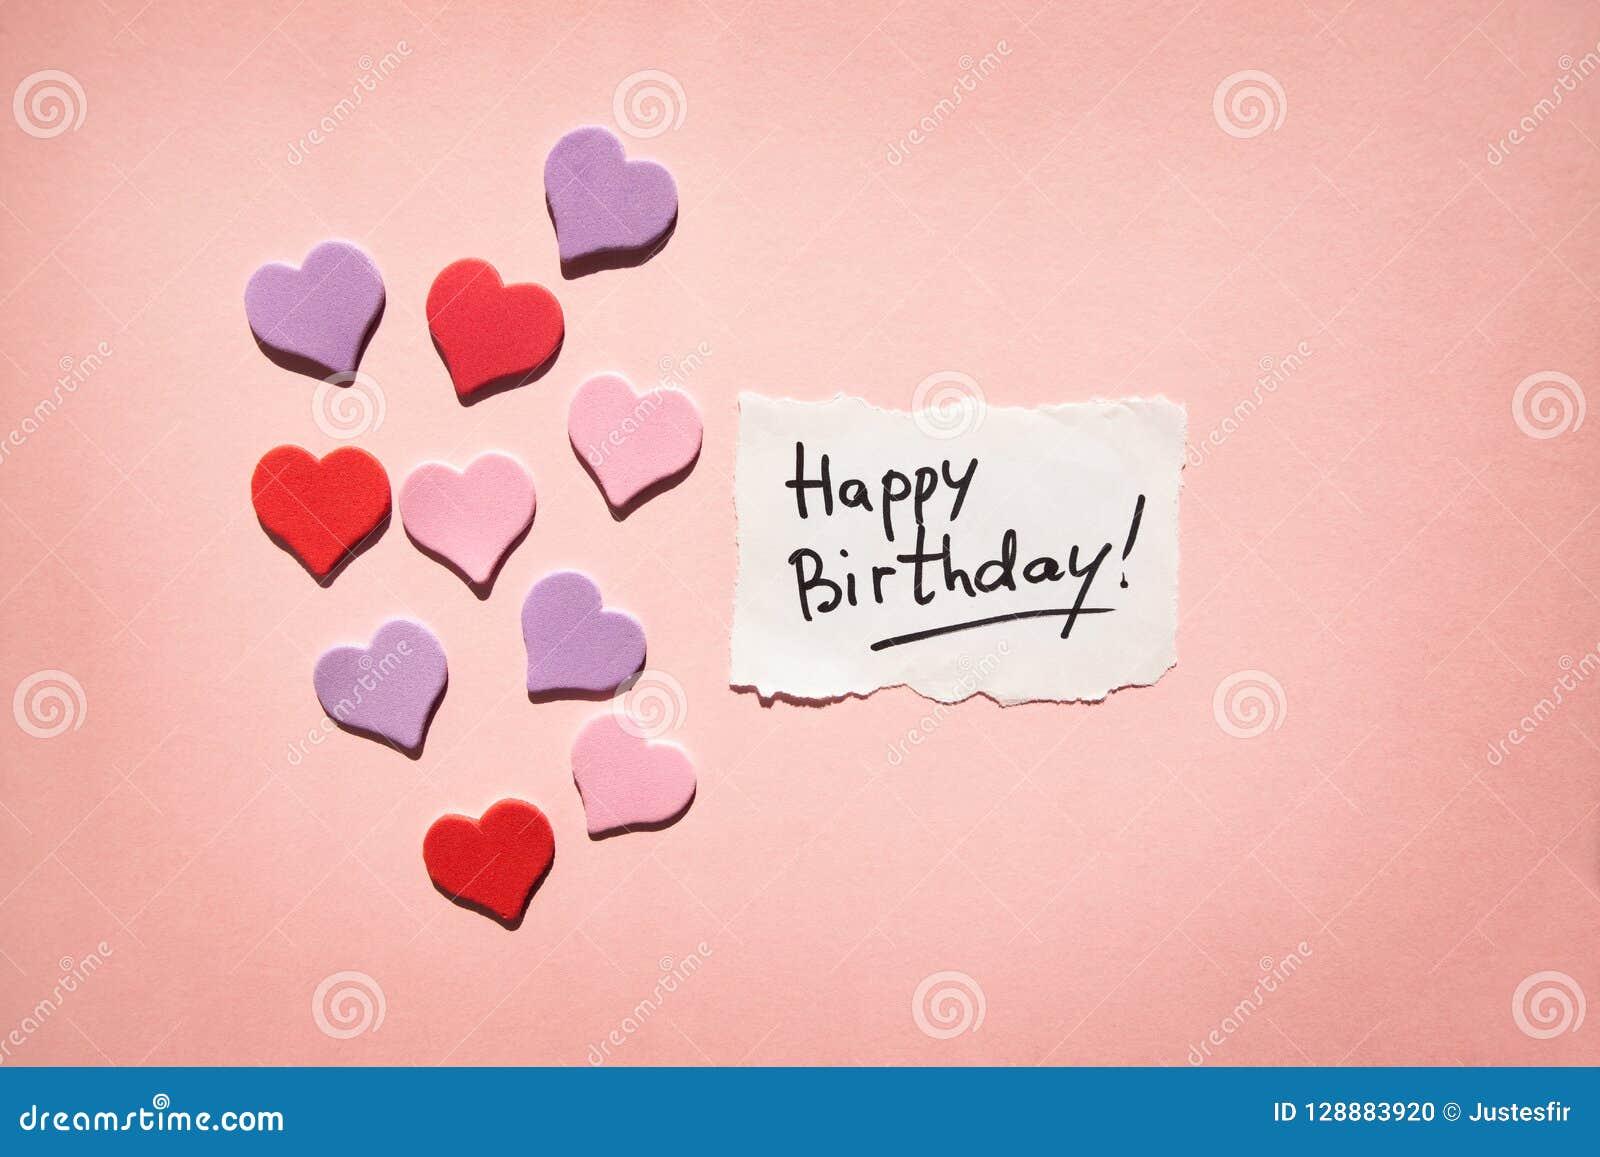 Glückliche Glückwunschkarte mit Text und Herzen auf schönem rosa Hintergrund